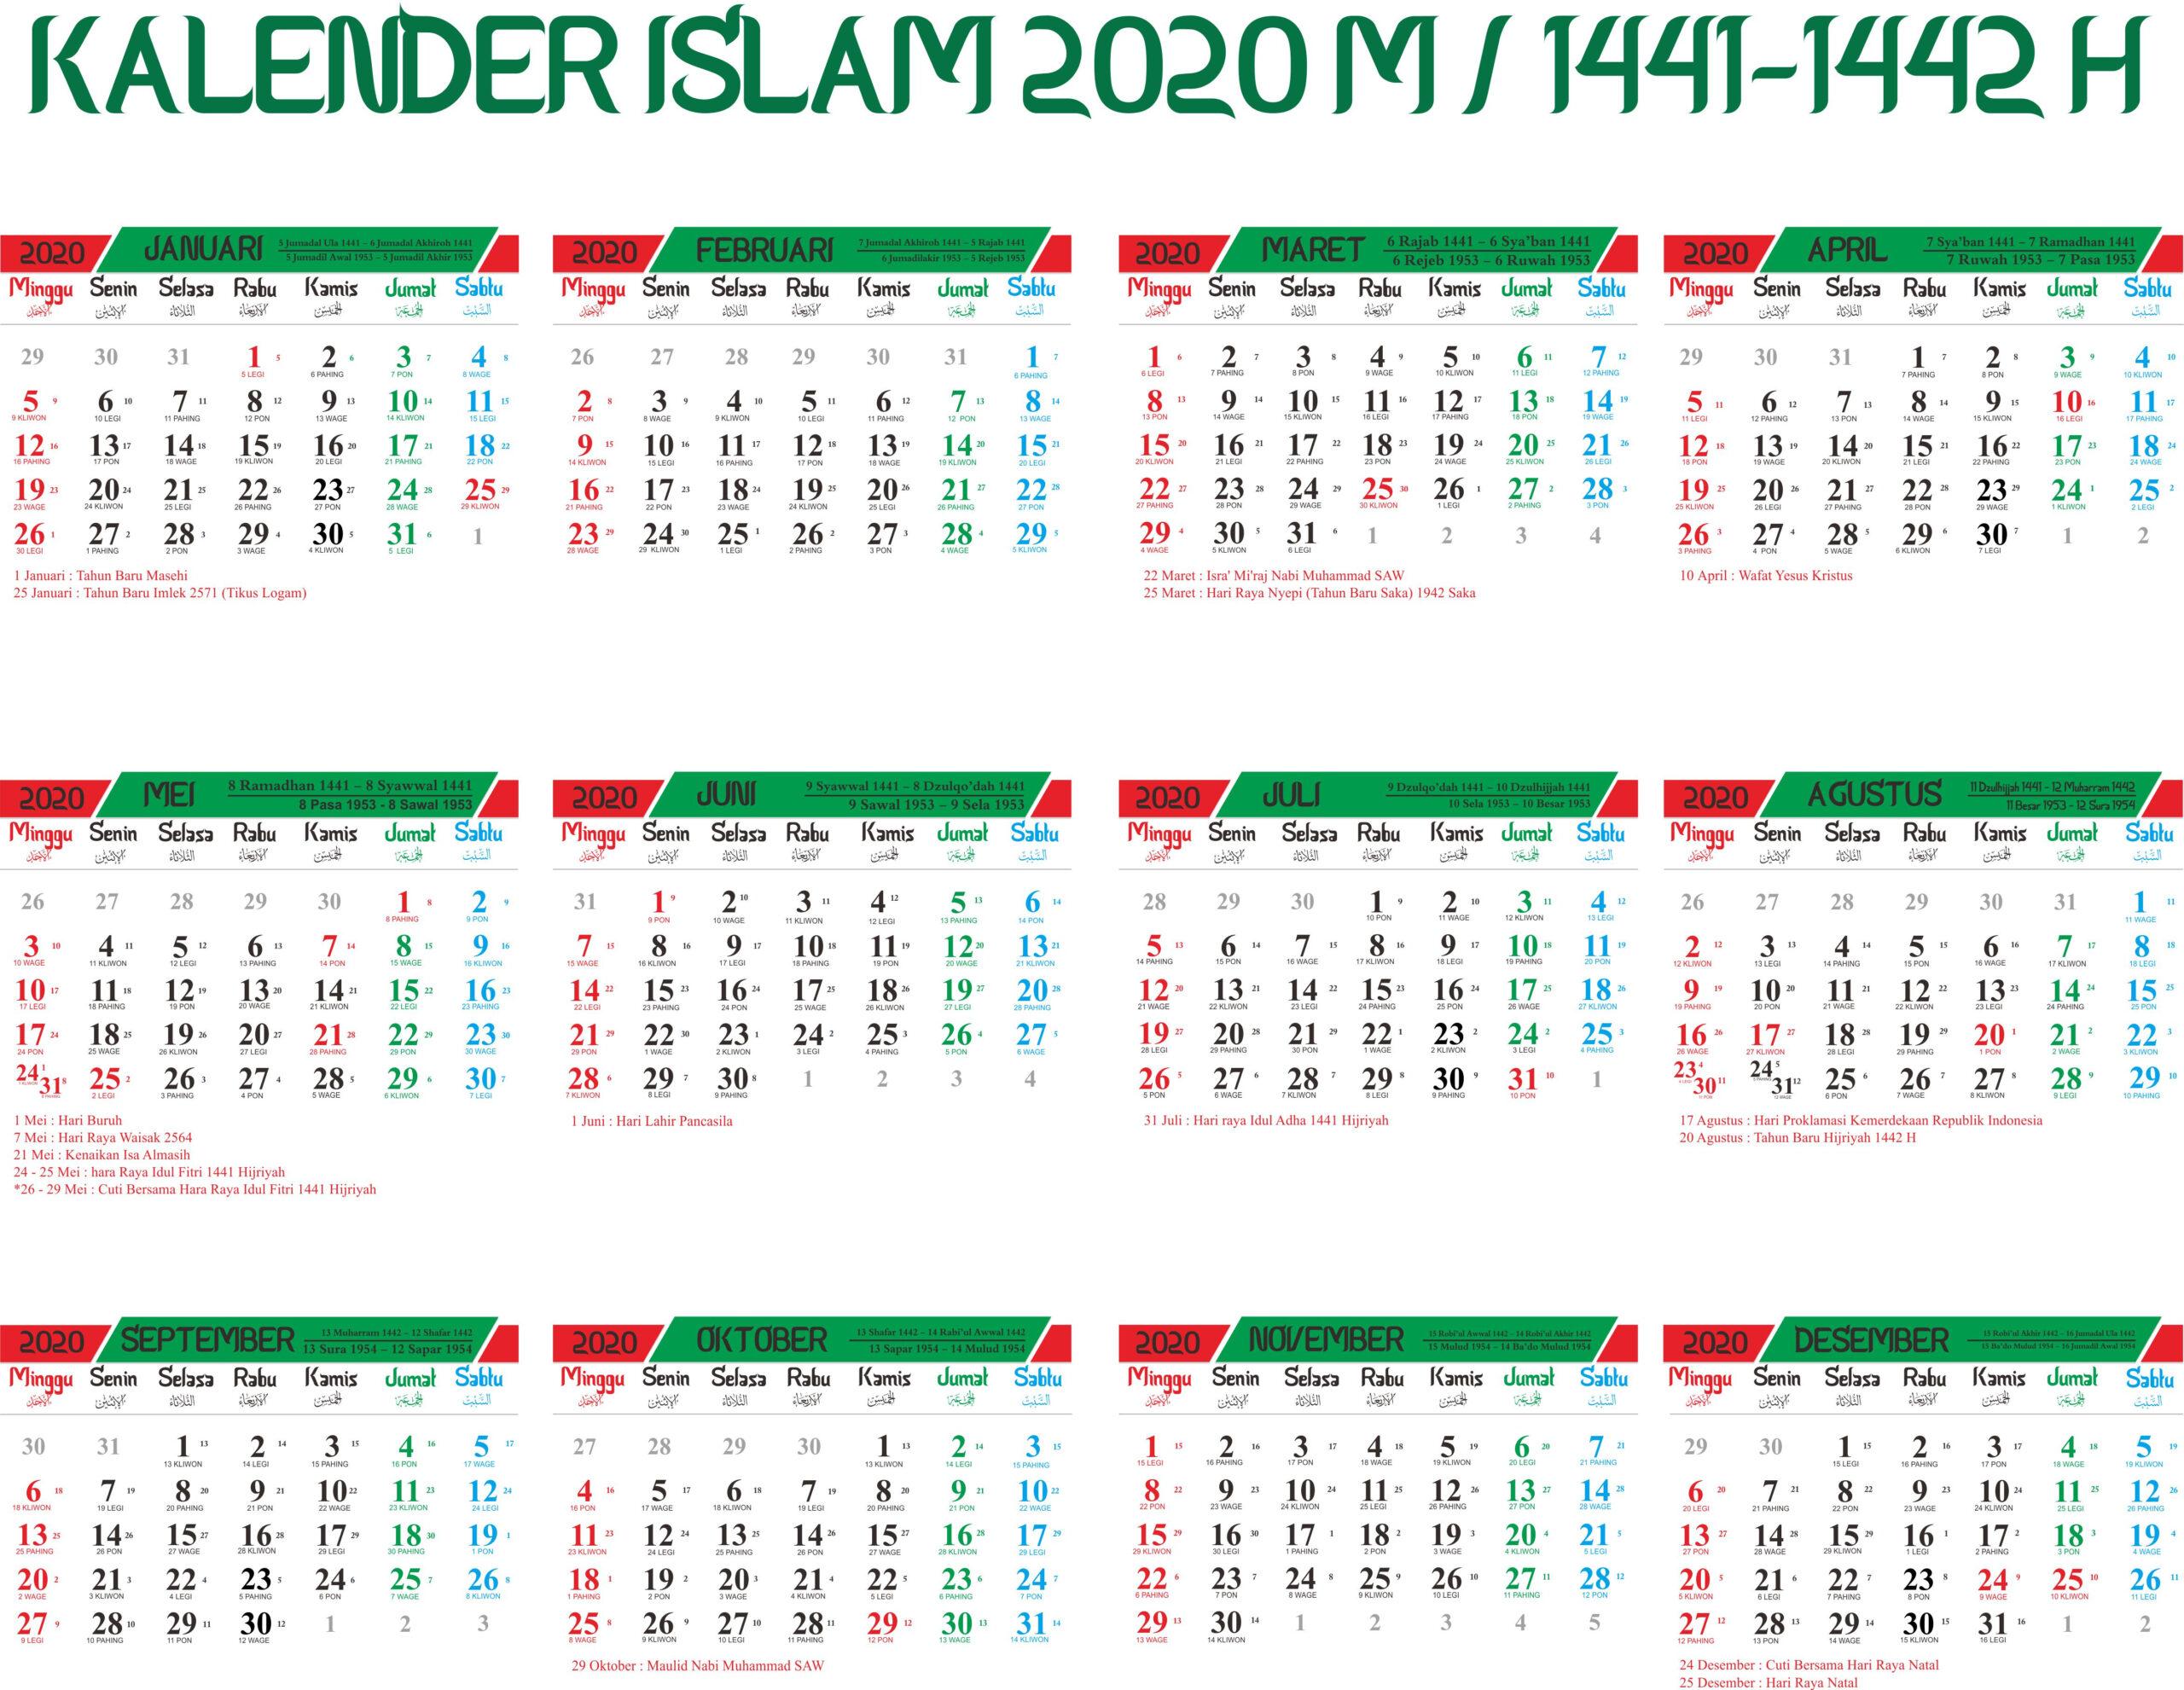 Kalender Islam 2020 Hijriyah 1441-1442 Lengkap Tanggalan Jawa